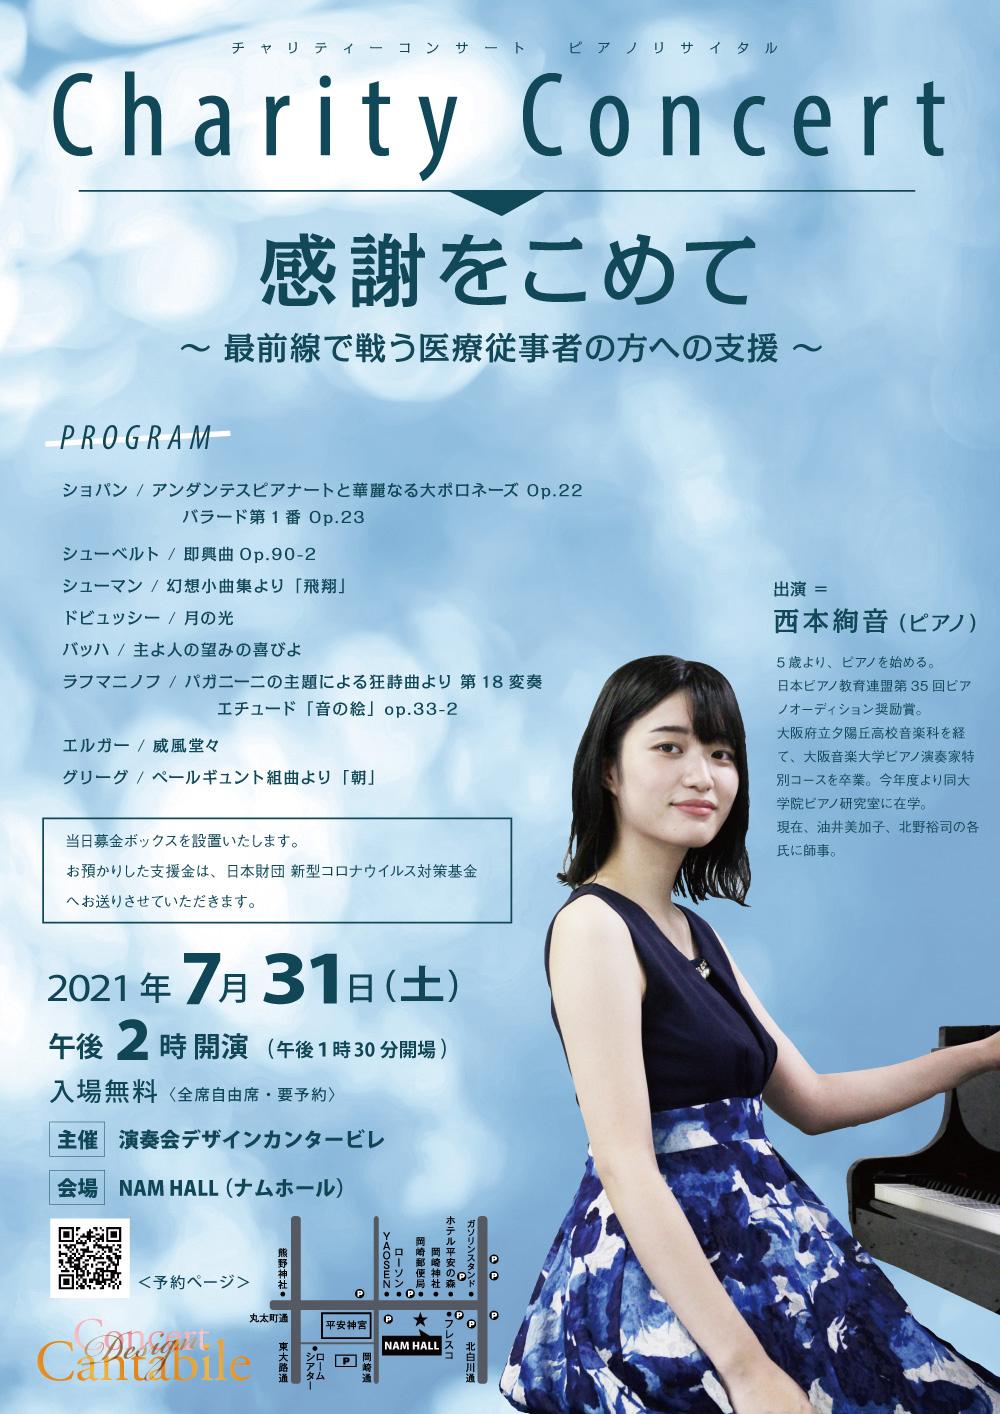 7/31(土) 西本絢音 チャリティーコンサート